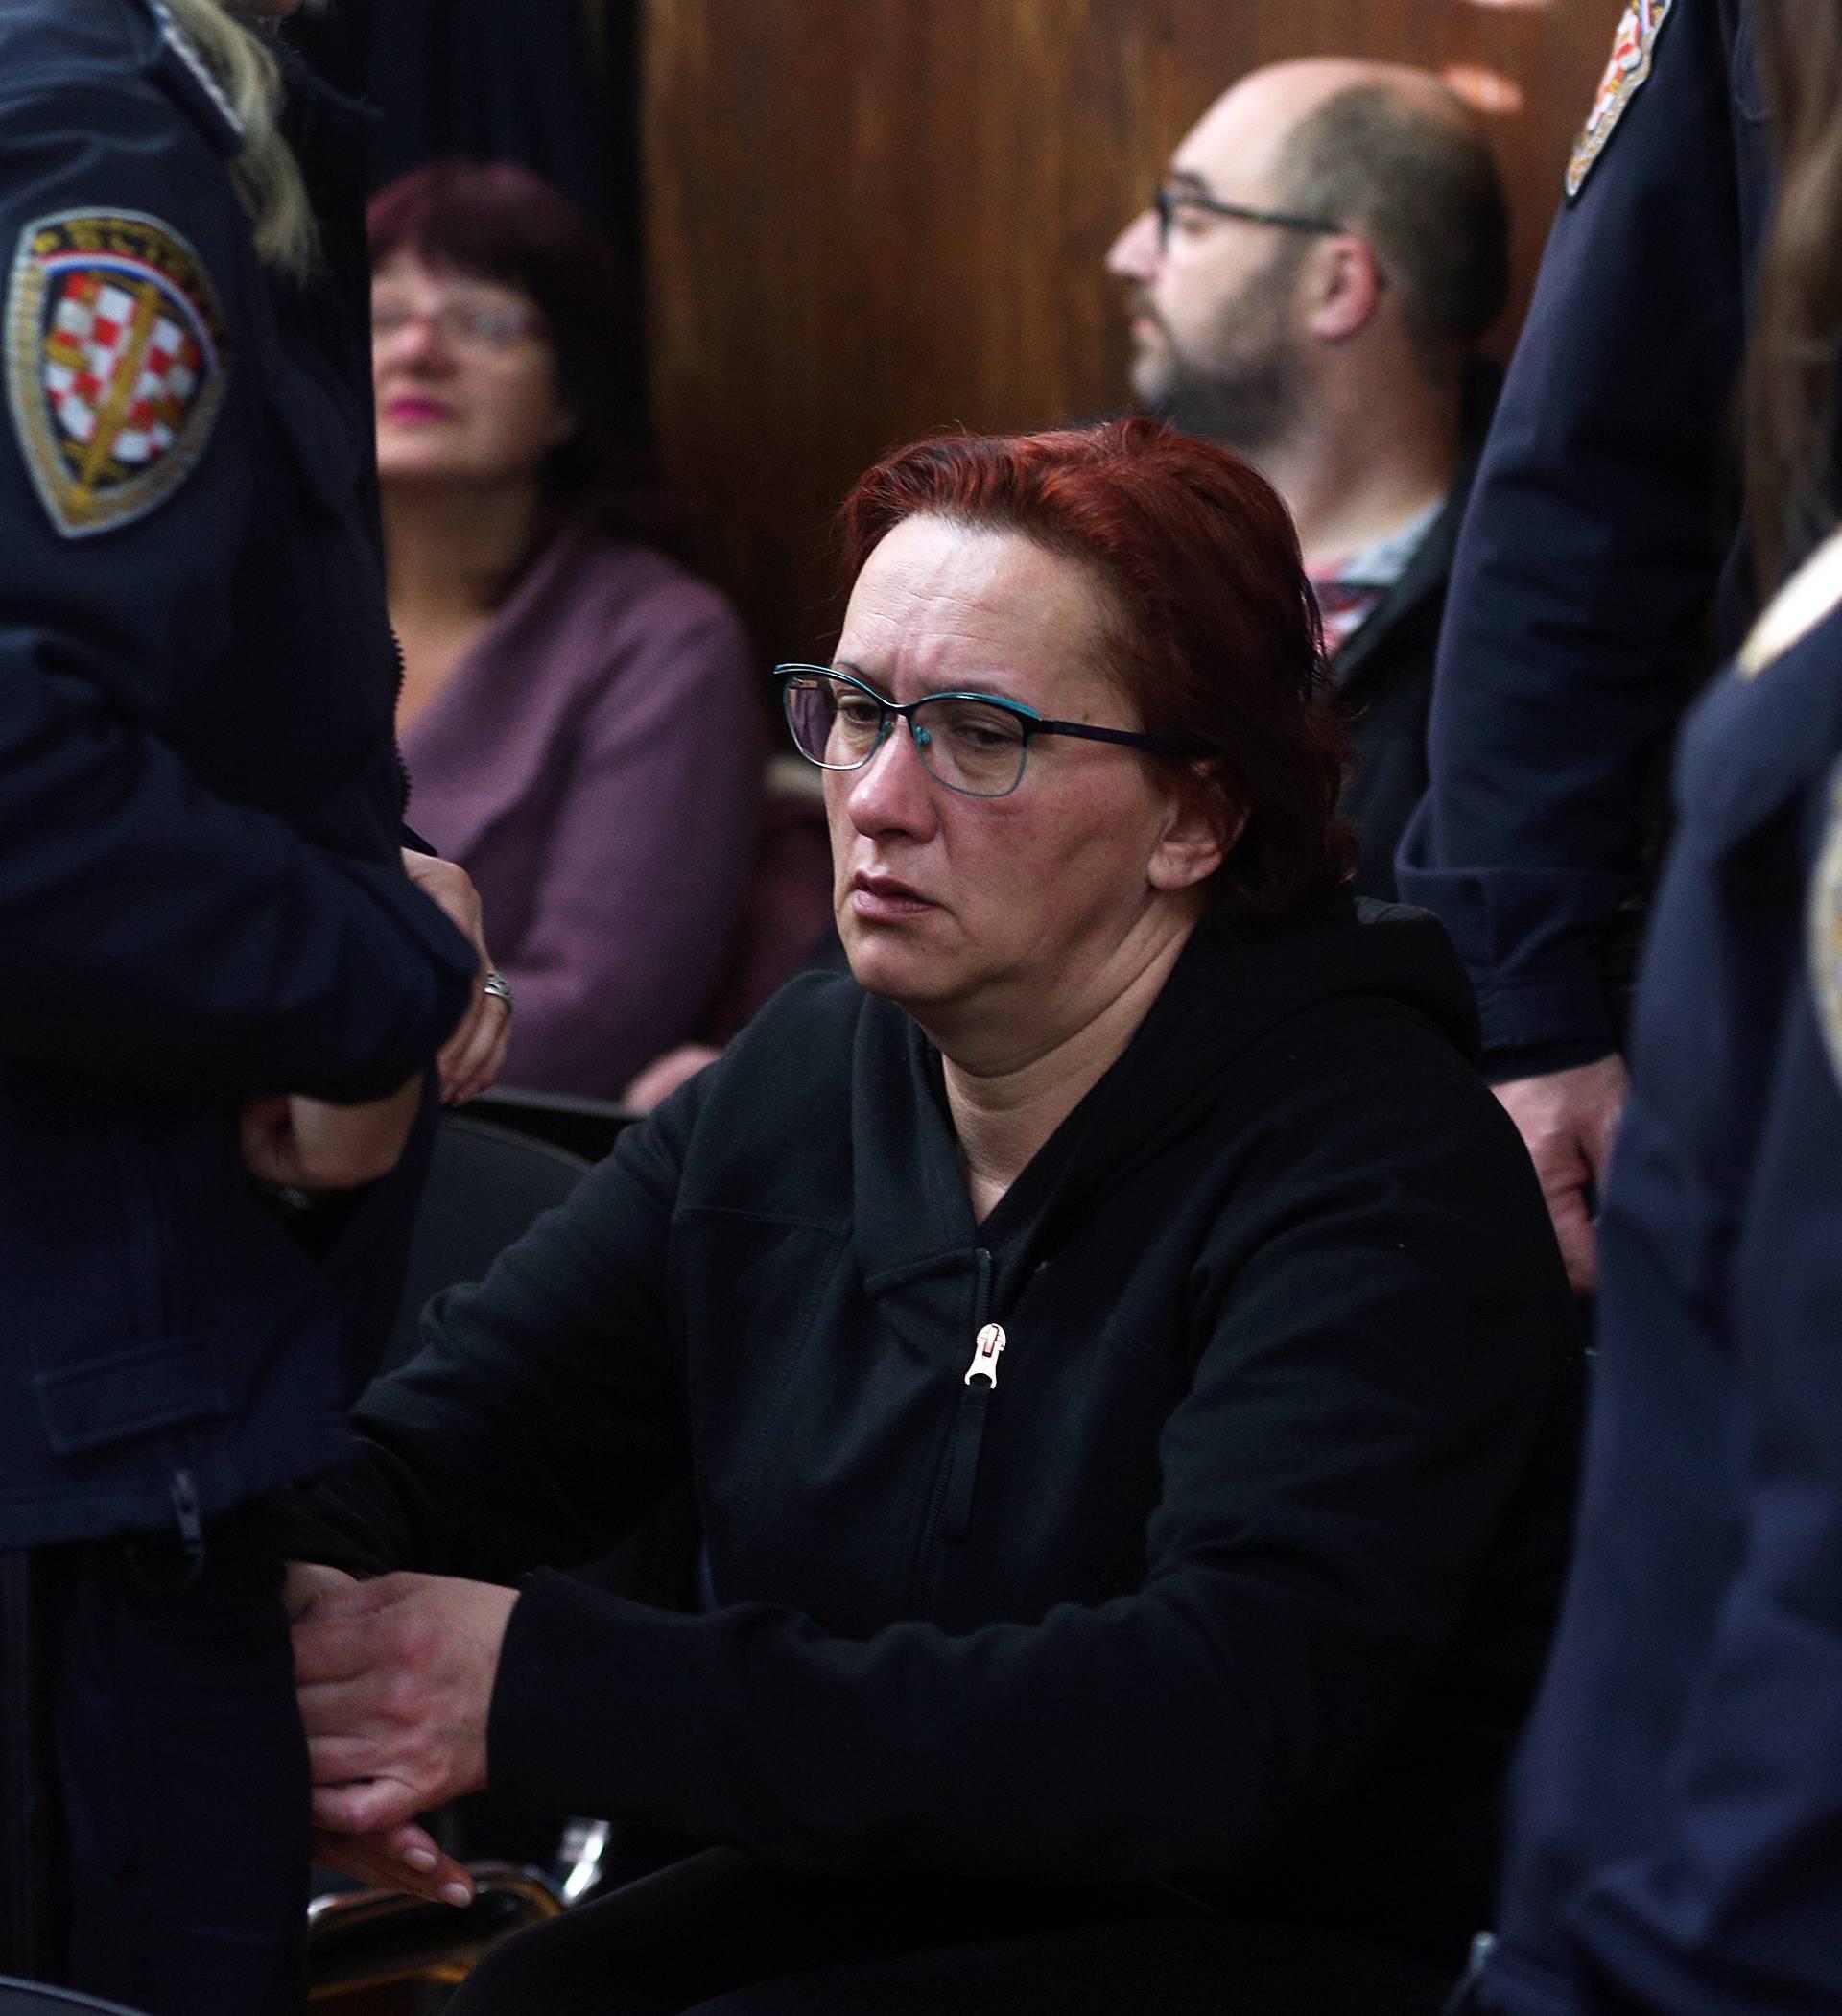 Varaždin: Suprug Smiljane Srnec odbio svjedočiti